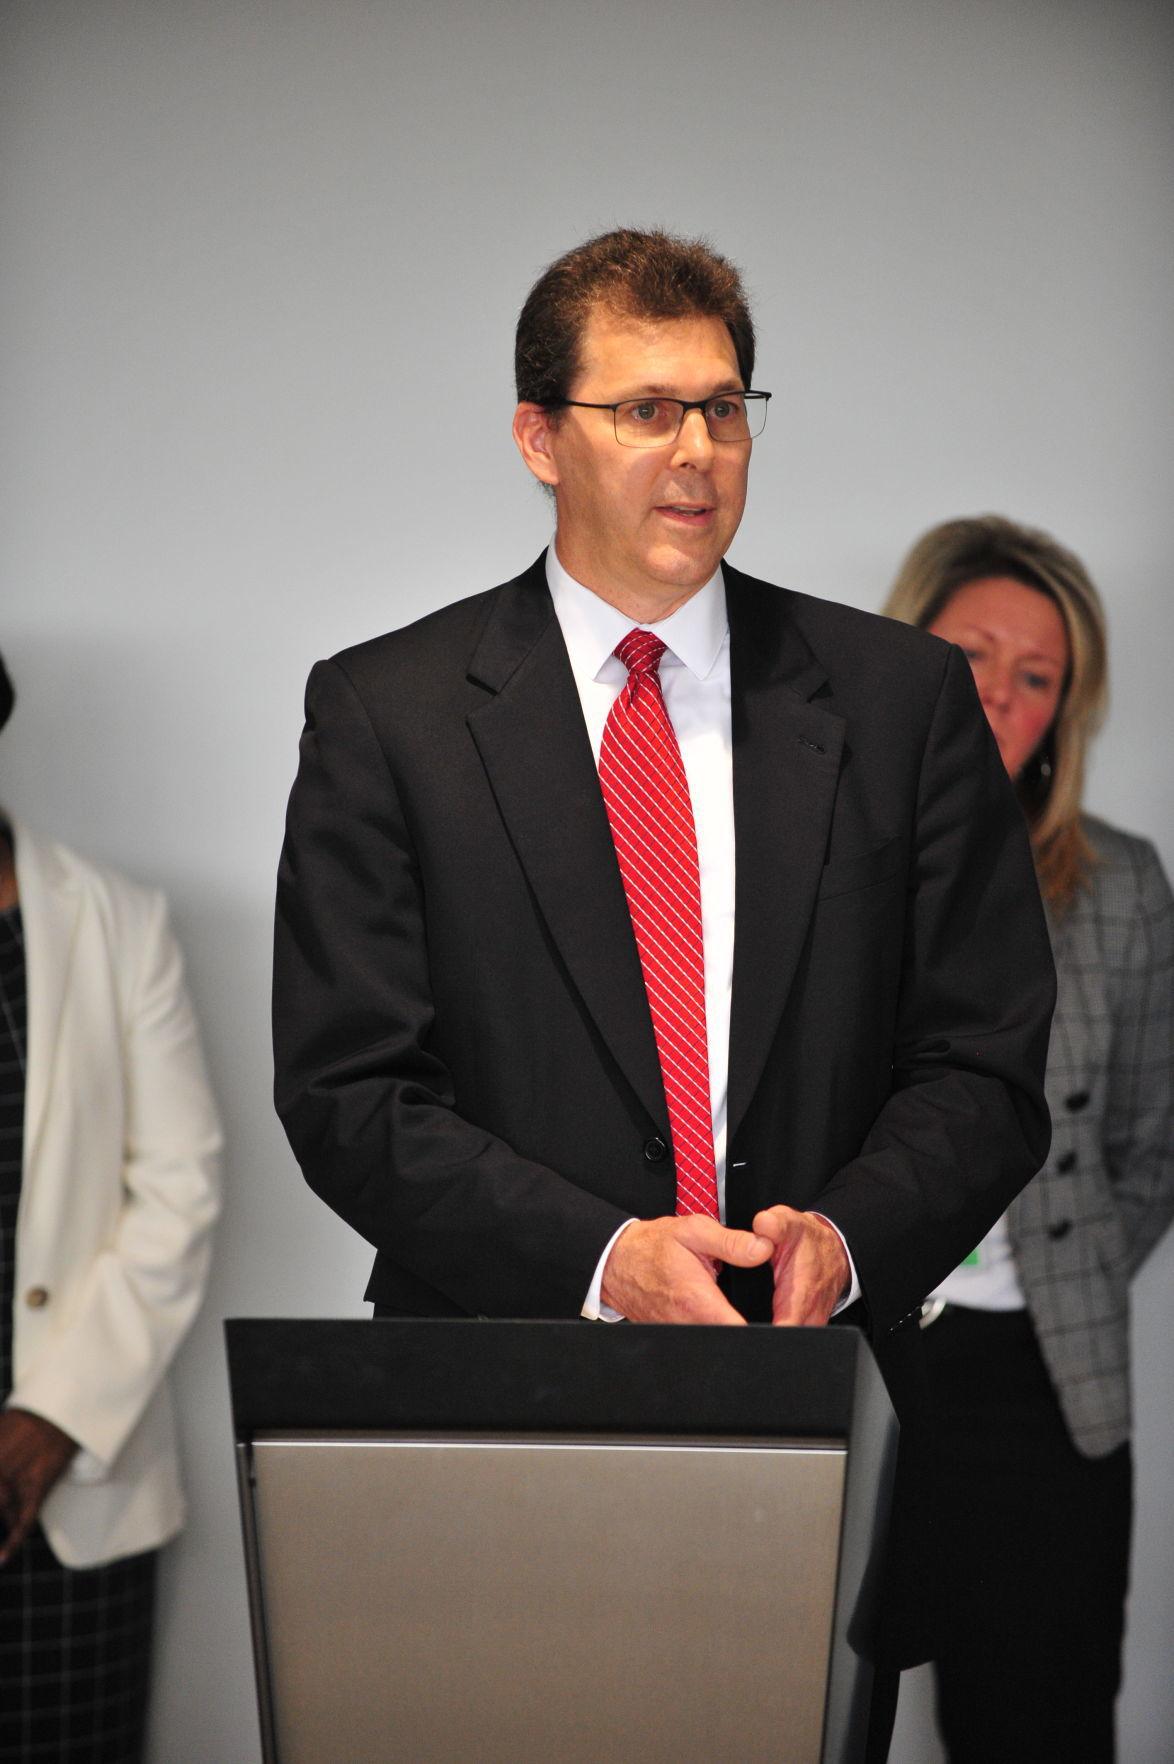 Northwest Allen County Schools Superintendent Chris Himsel